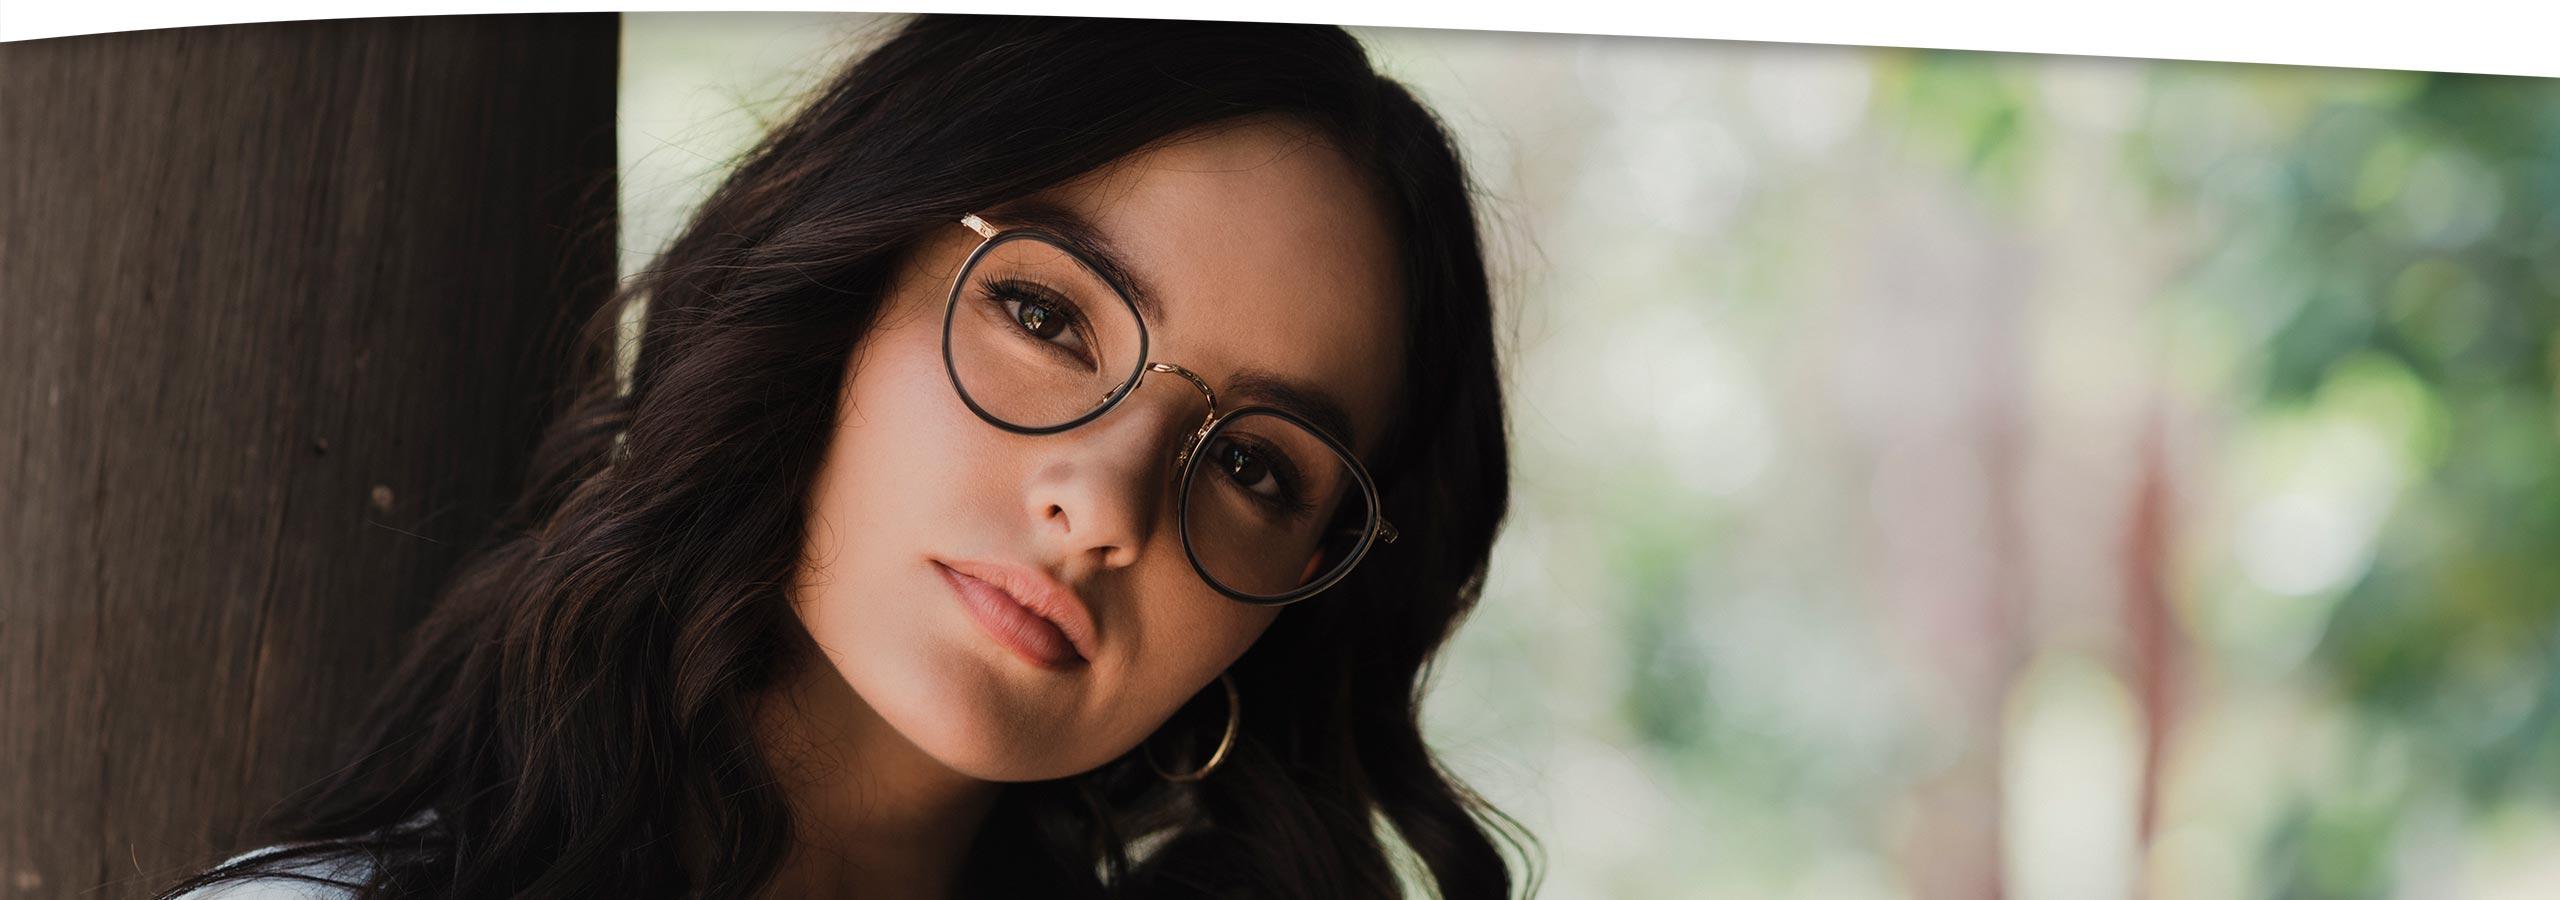 9939f0a08262dc Alferink Optiek in Heesch  opticien voor brillen en lenzen